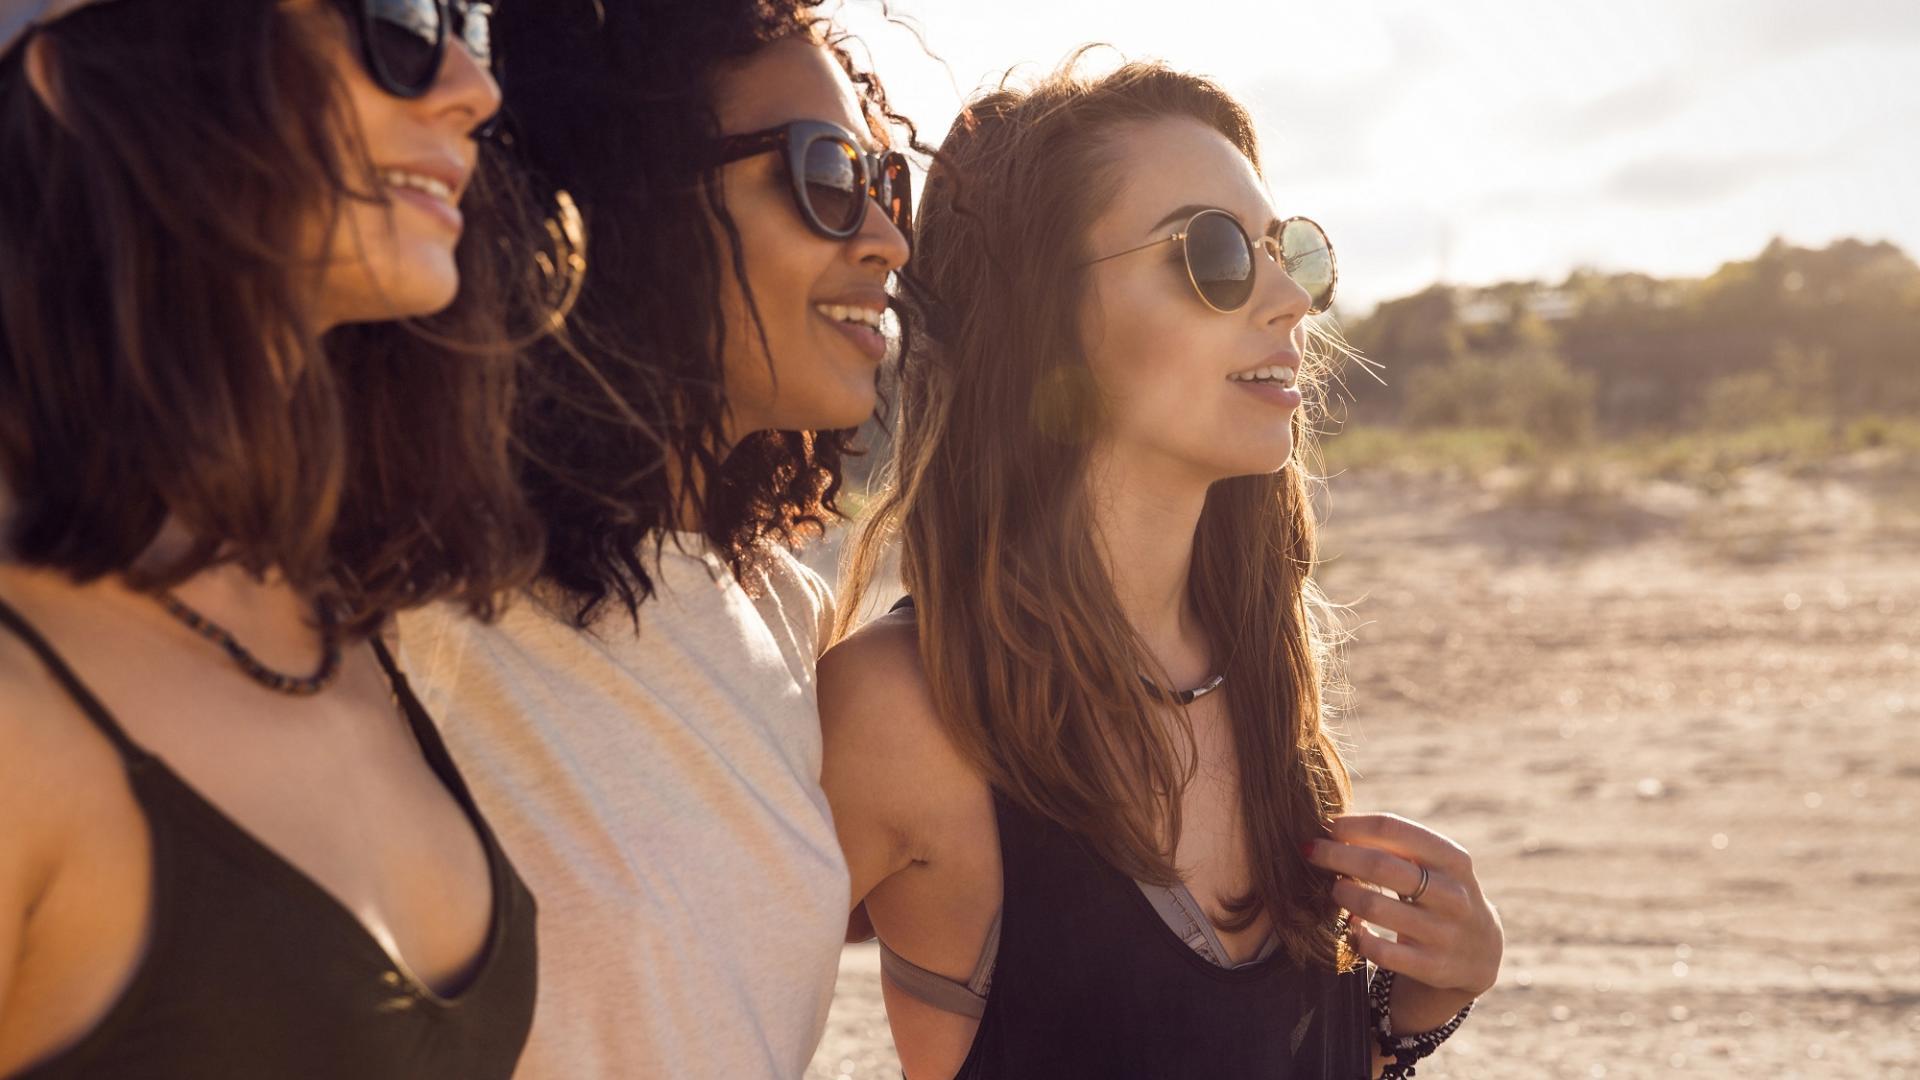 Frauen, Freundschaft, Sonne